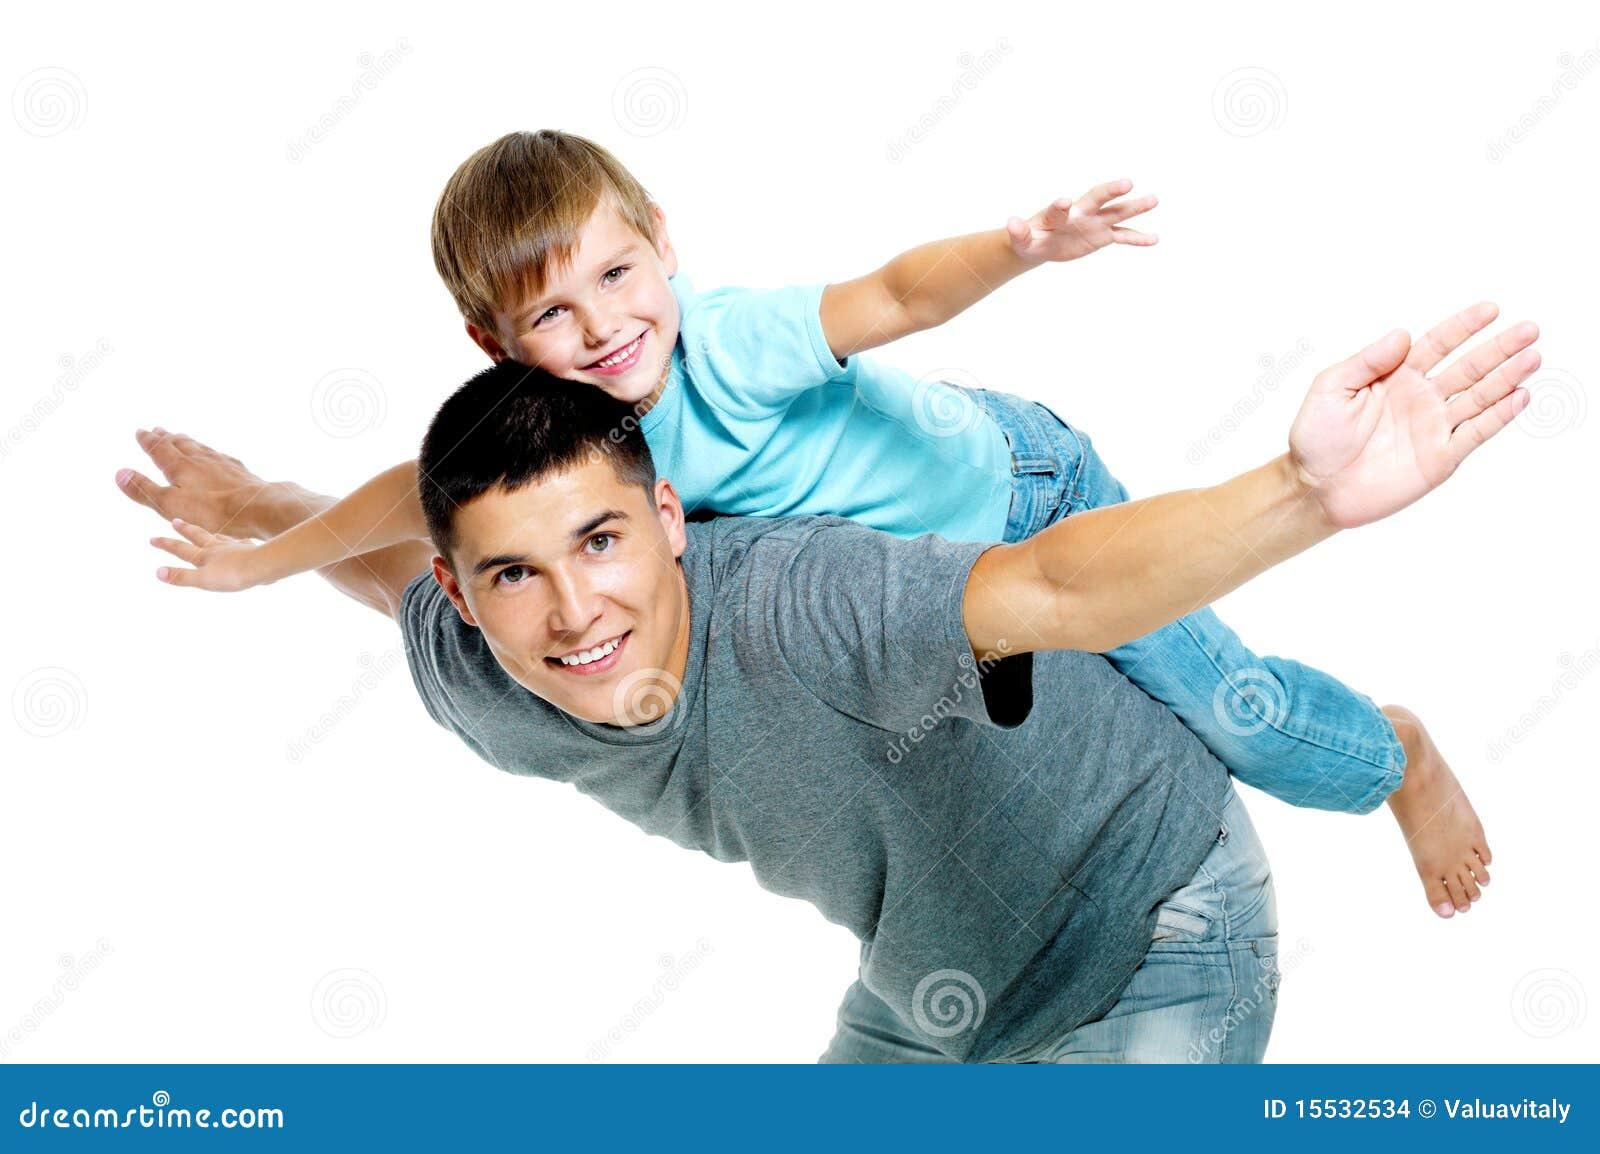 Сикс сын и мама 13 фотография